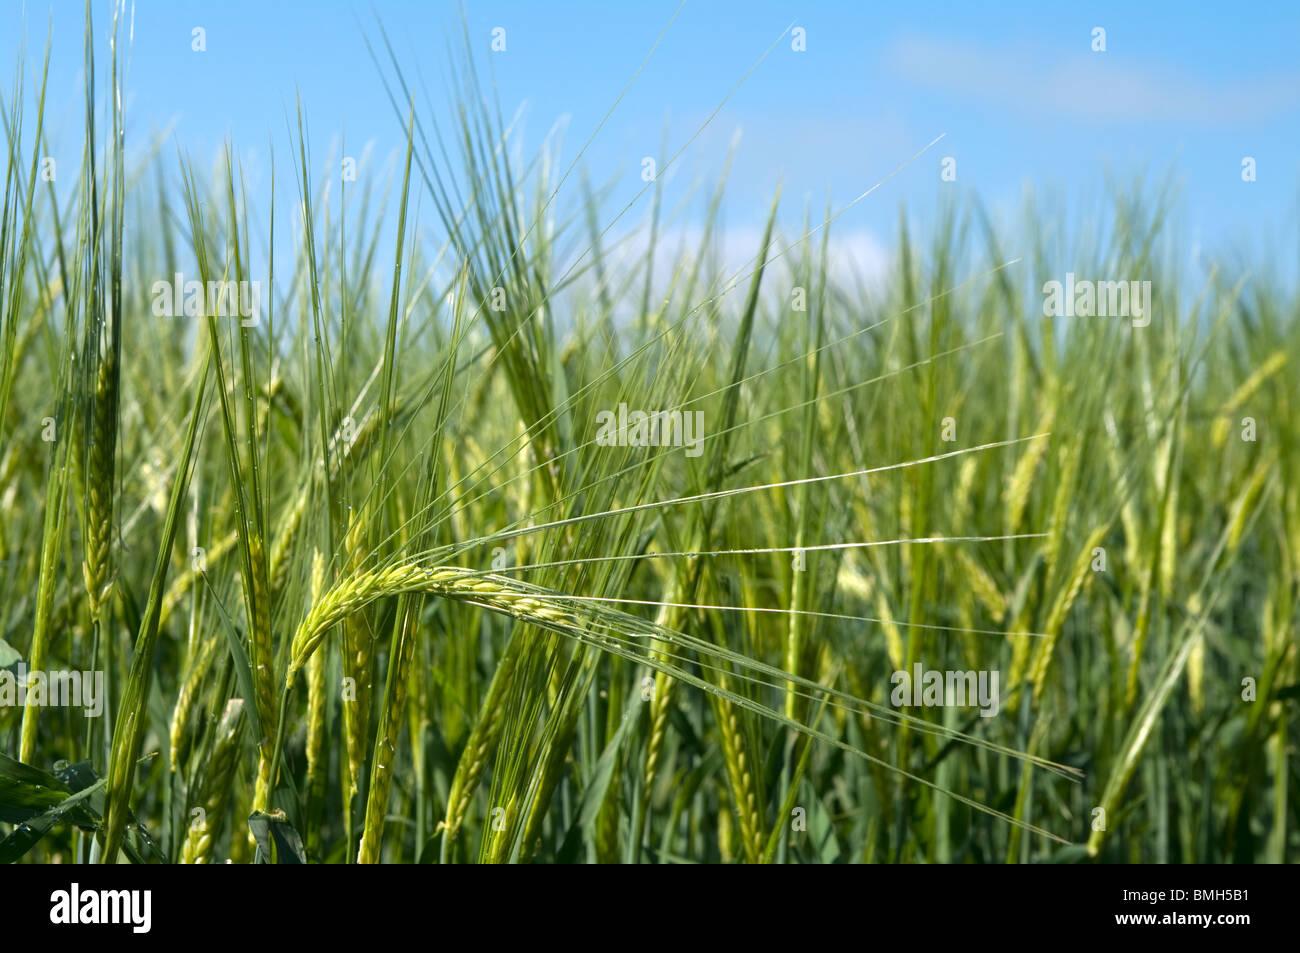 La cebada verde creciendo en gran Bardfield Essex Imagen De Stock